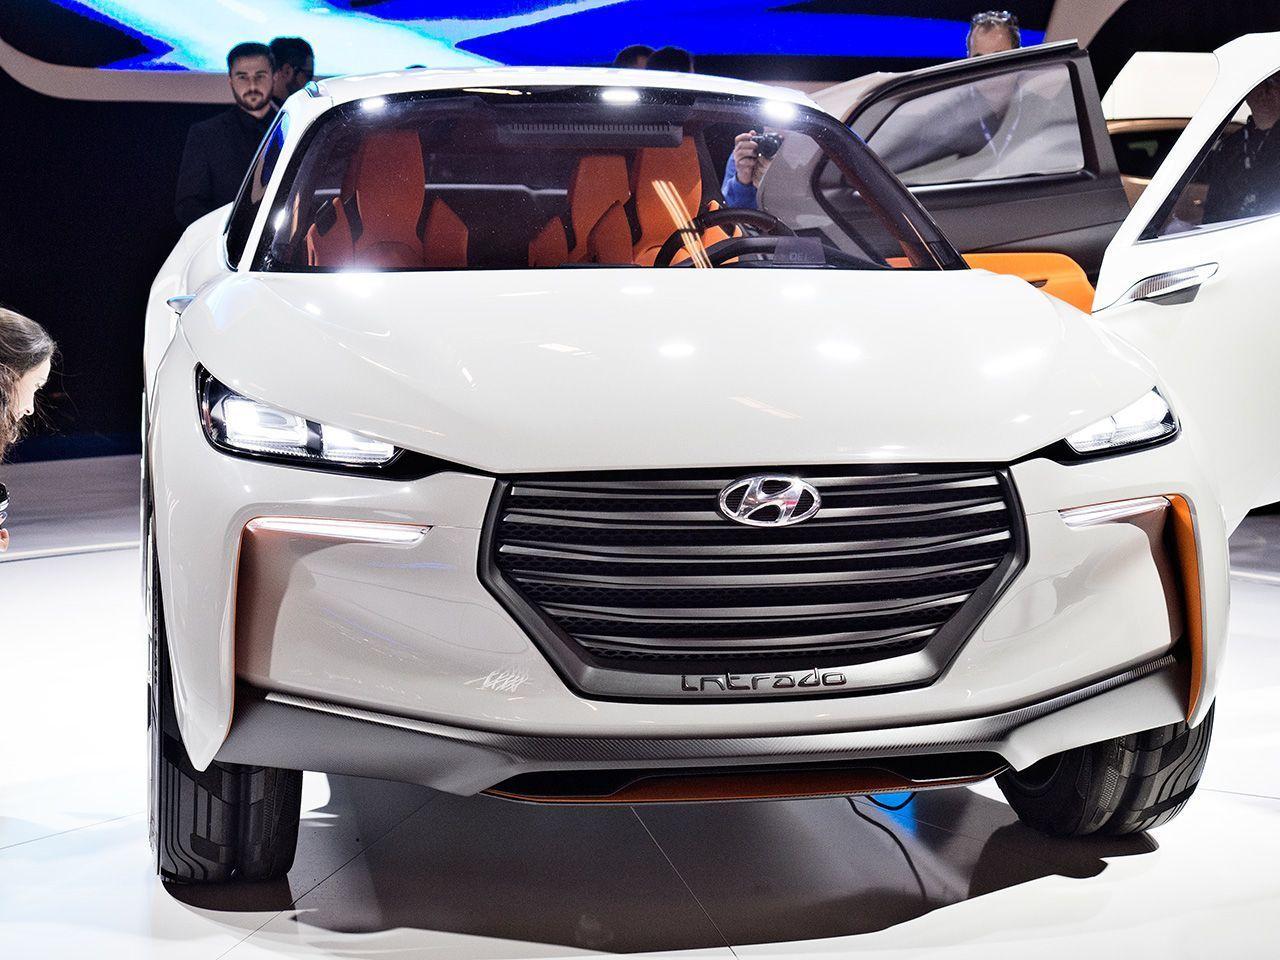 Hyundai Concept Intrado présenté au salon de l'auto de Montréal 2015